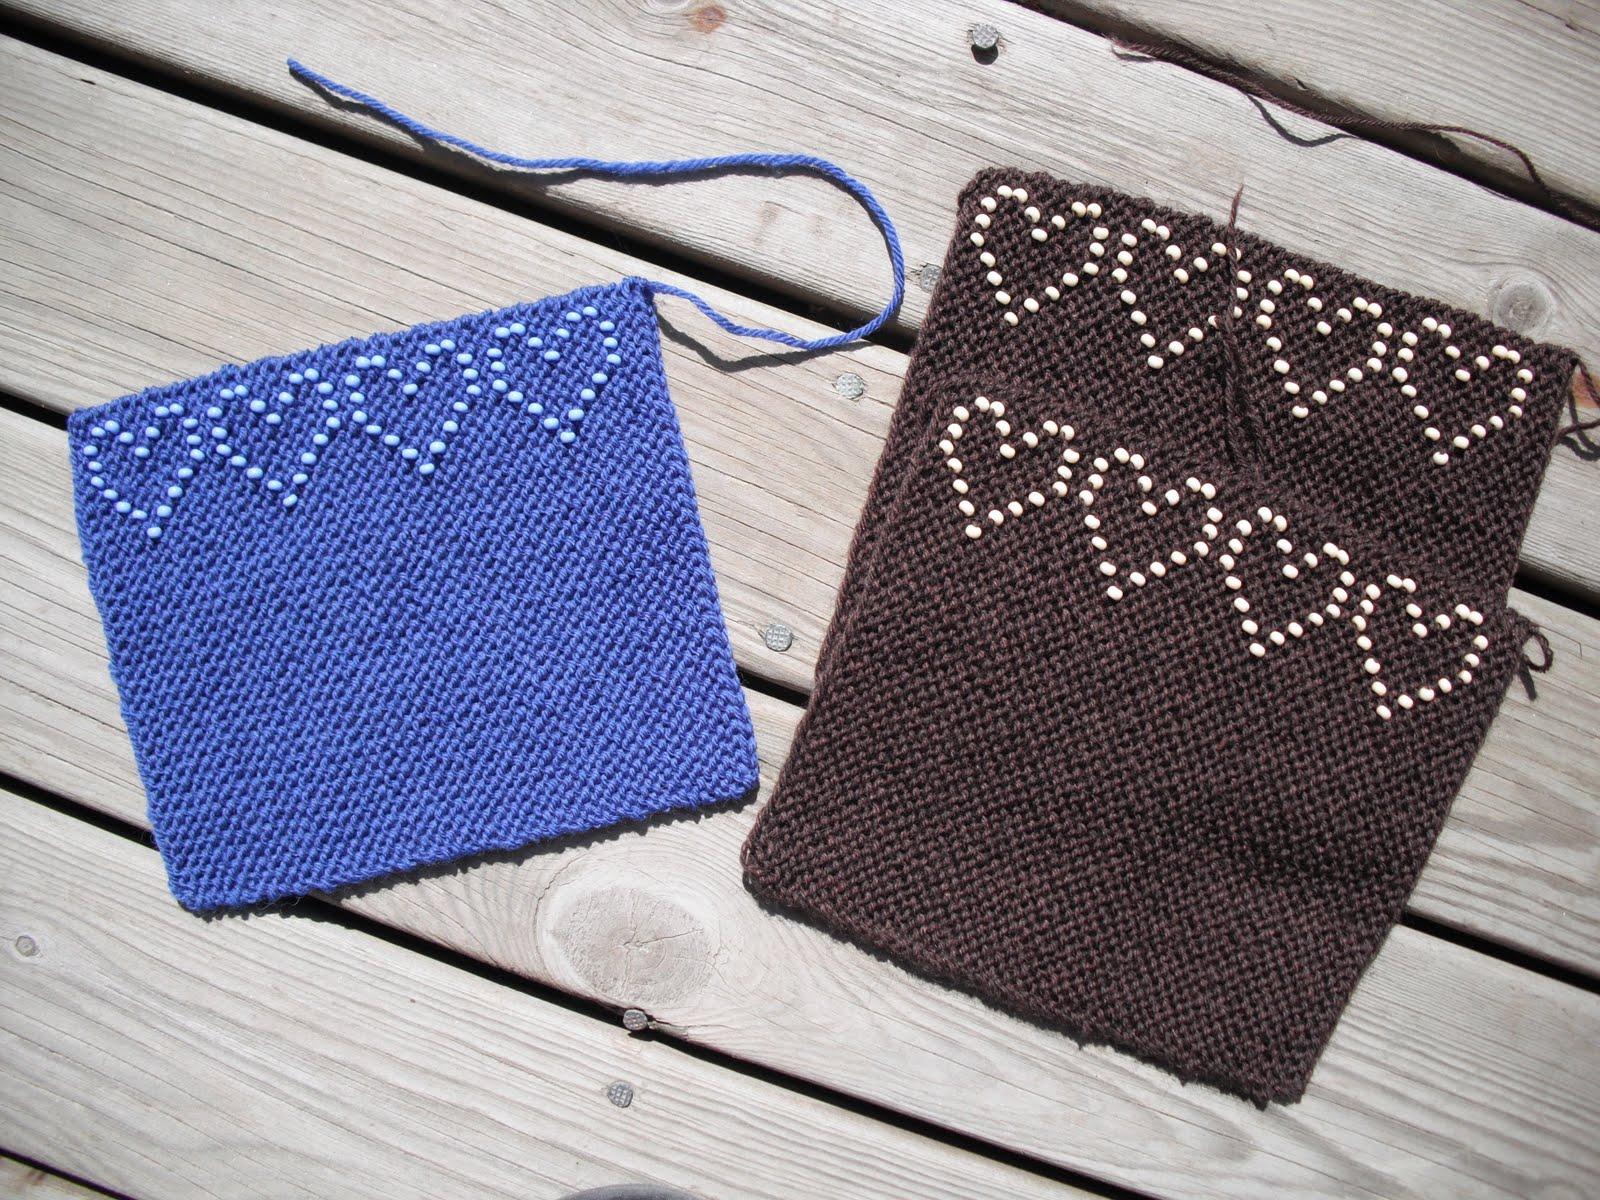 Mørkebrune pulsvarmere med beige perler og blå med lyseblå perler